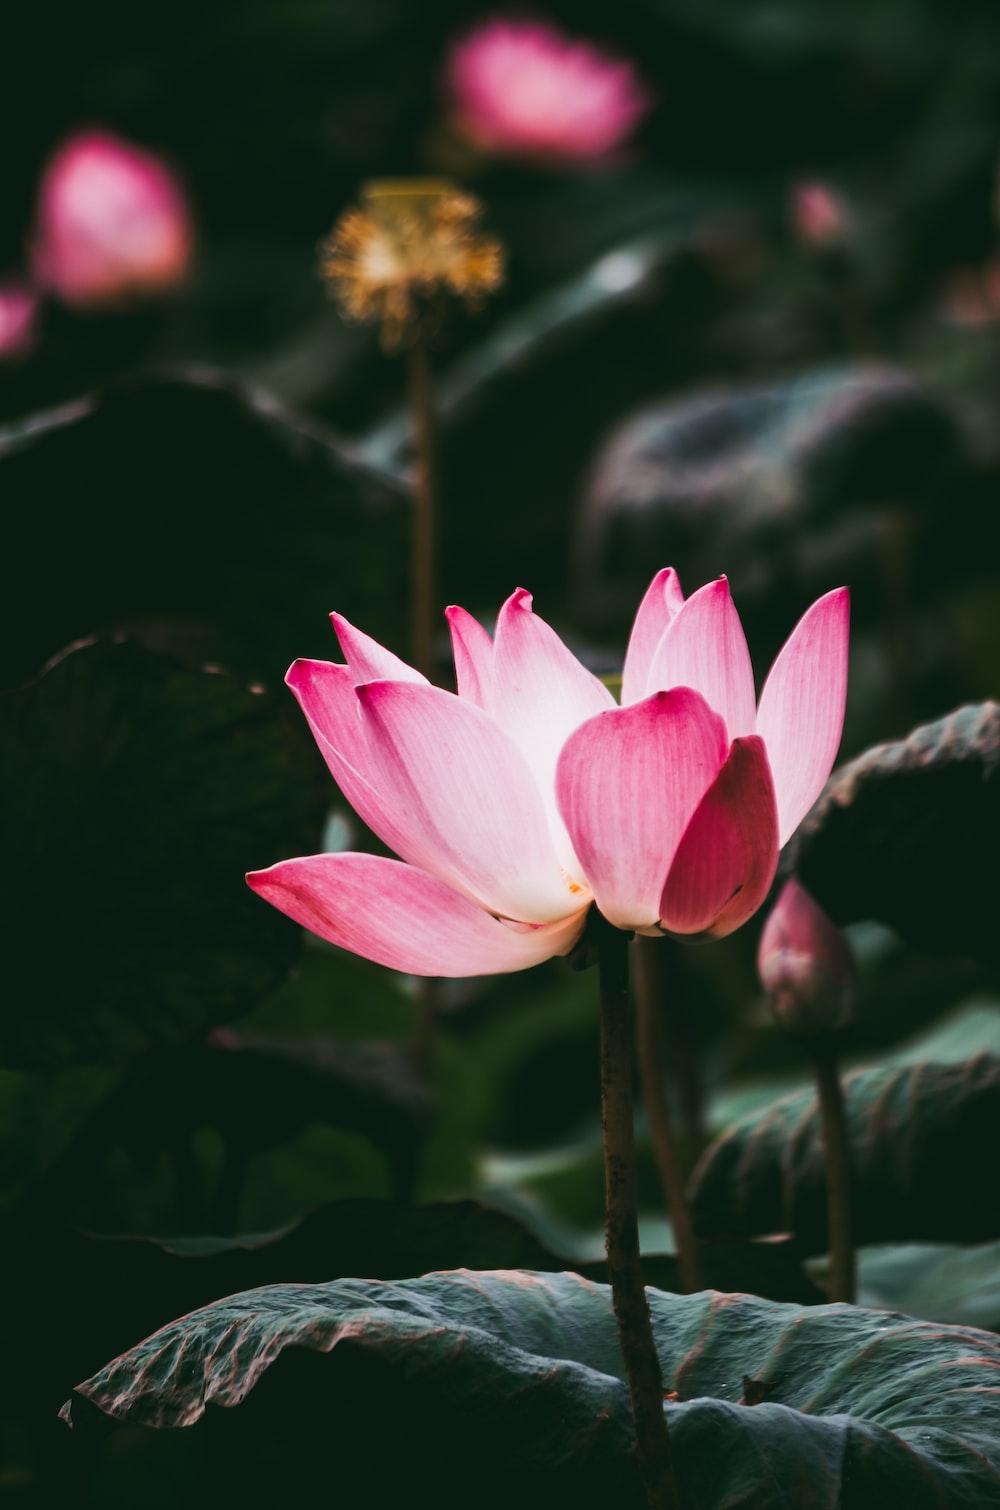 blooming pink lotus flowers